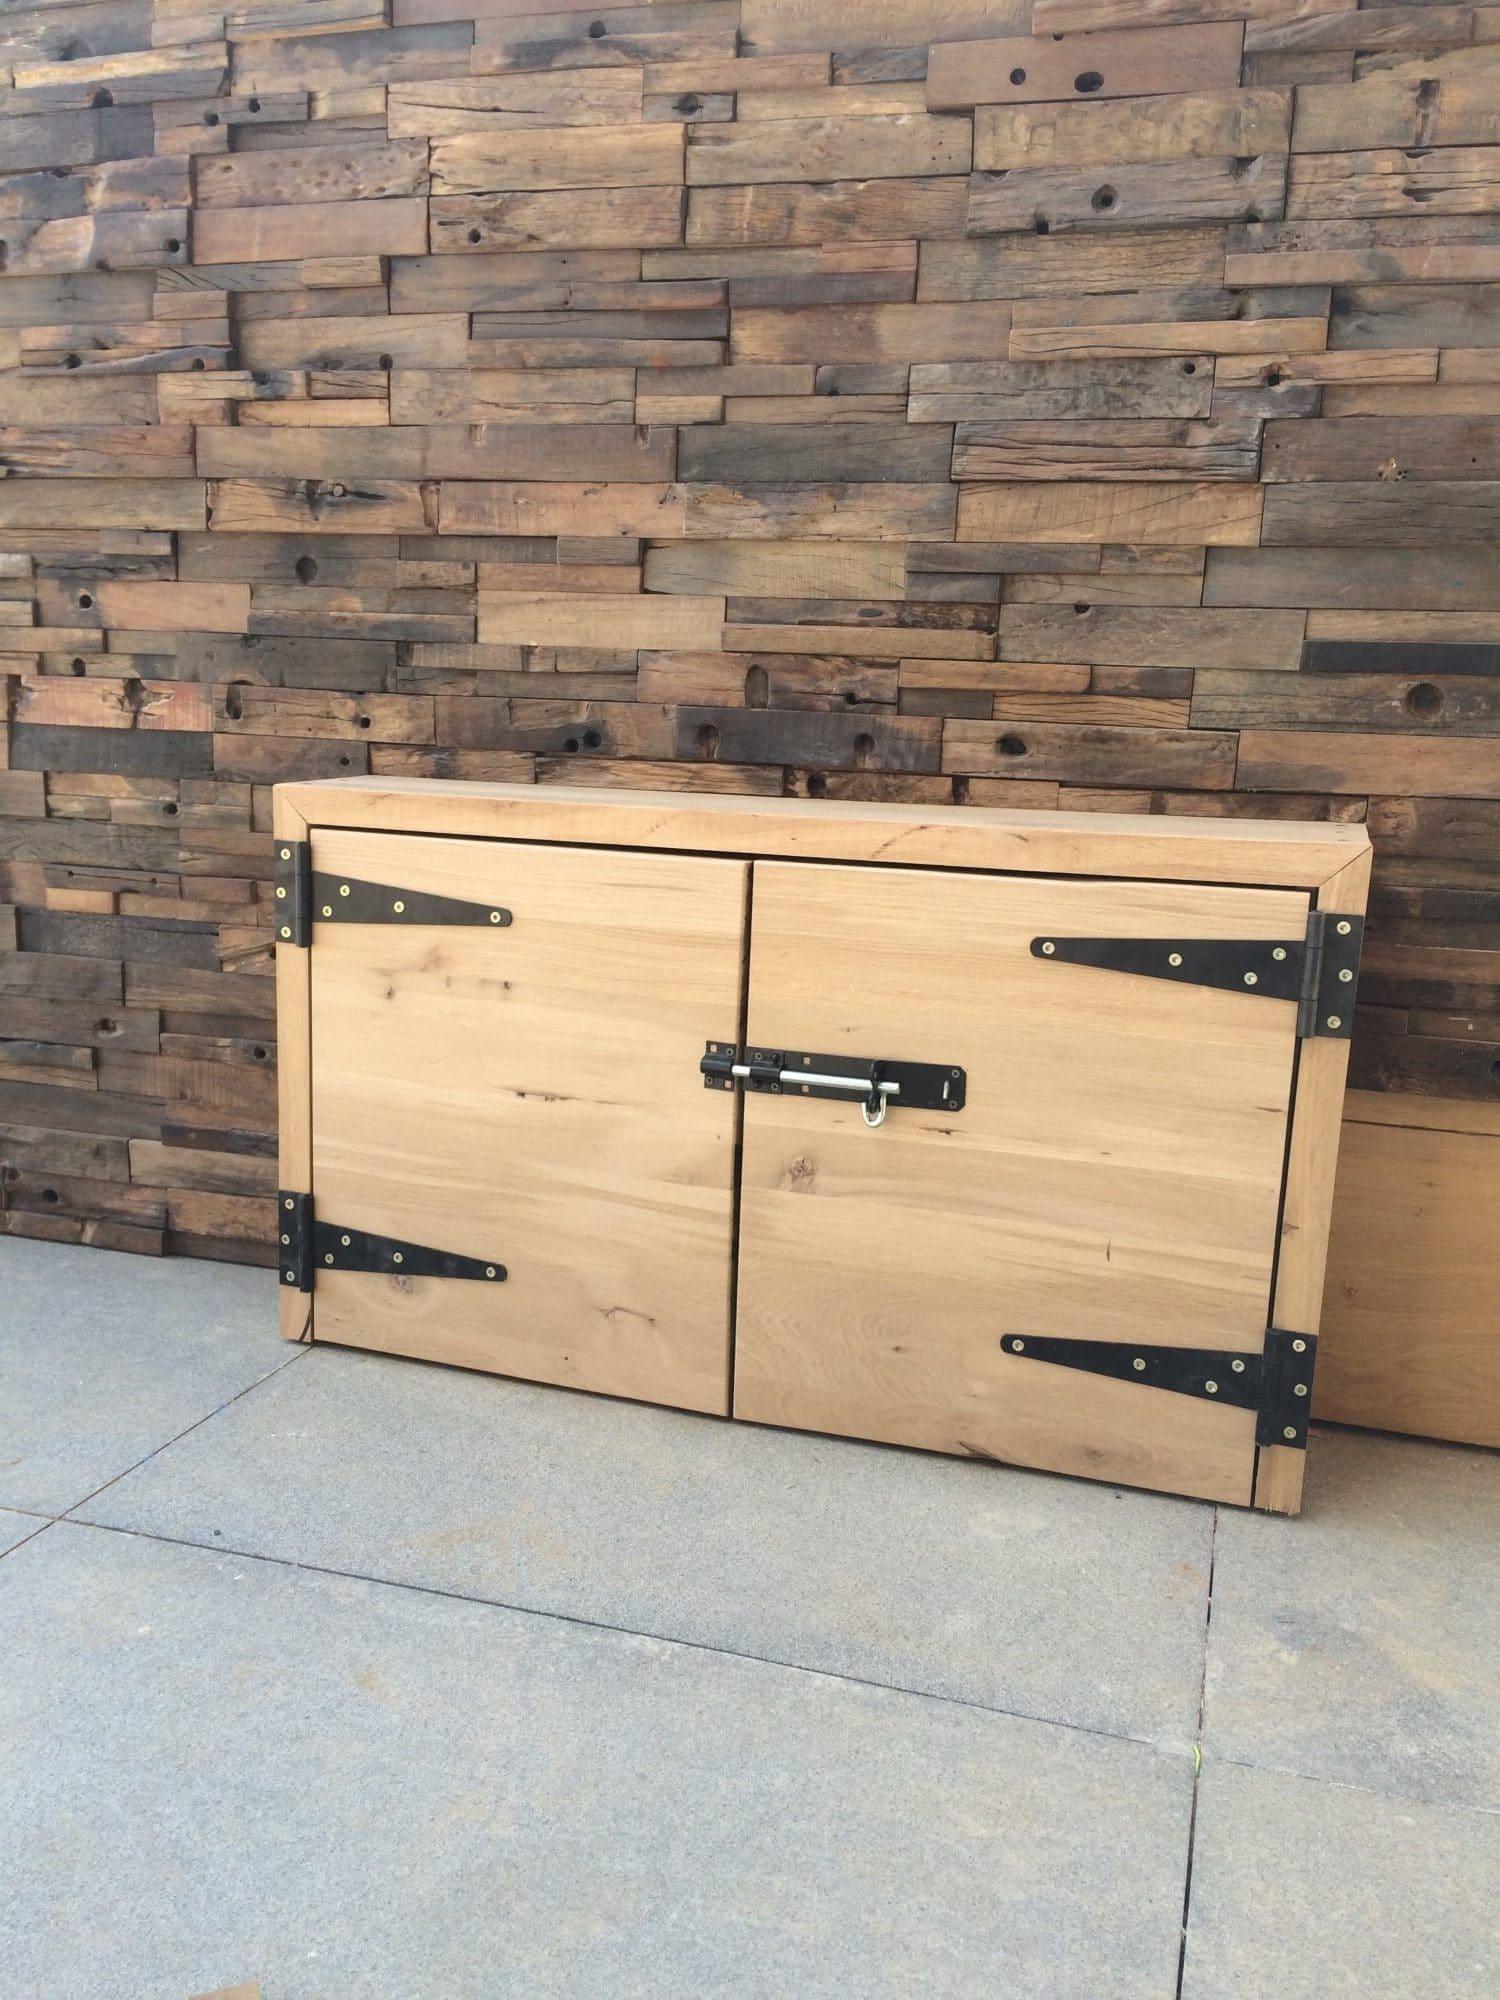 חיפוי קיר מעץ עתיק ממוחזר בשילוב ארון אחסון